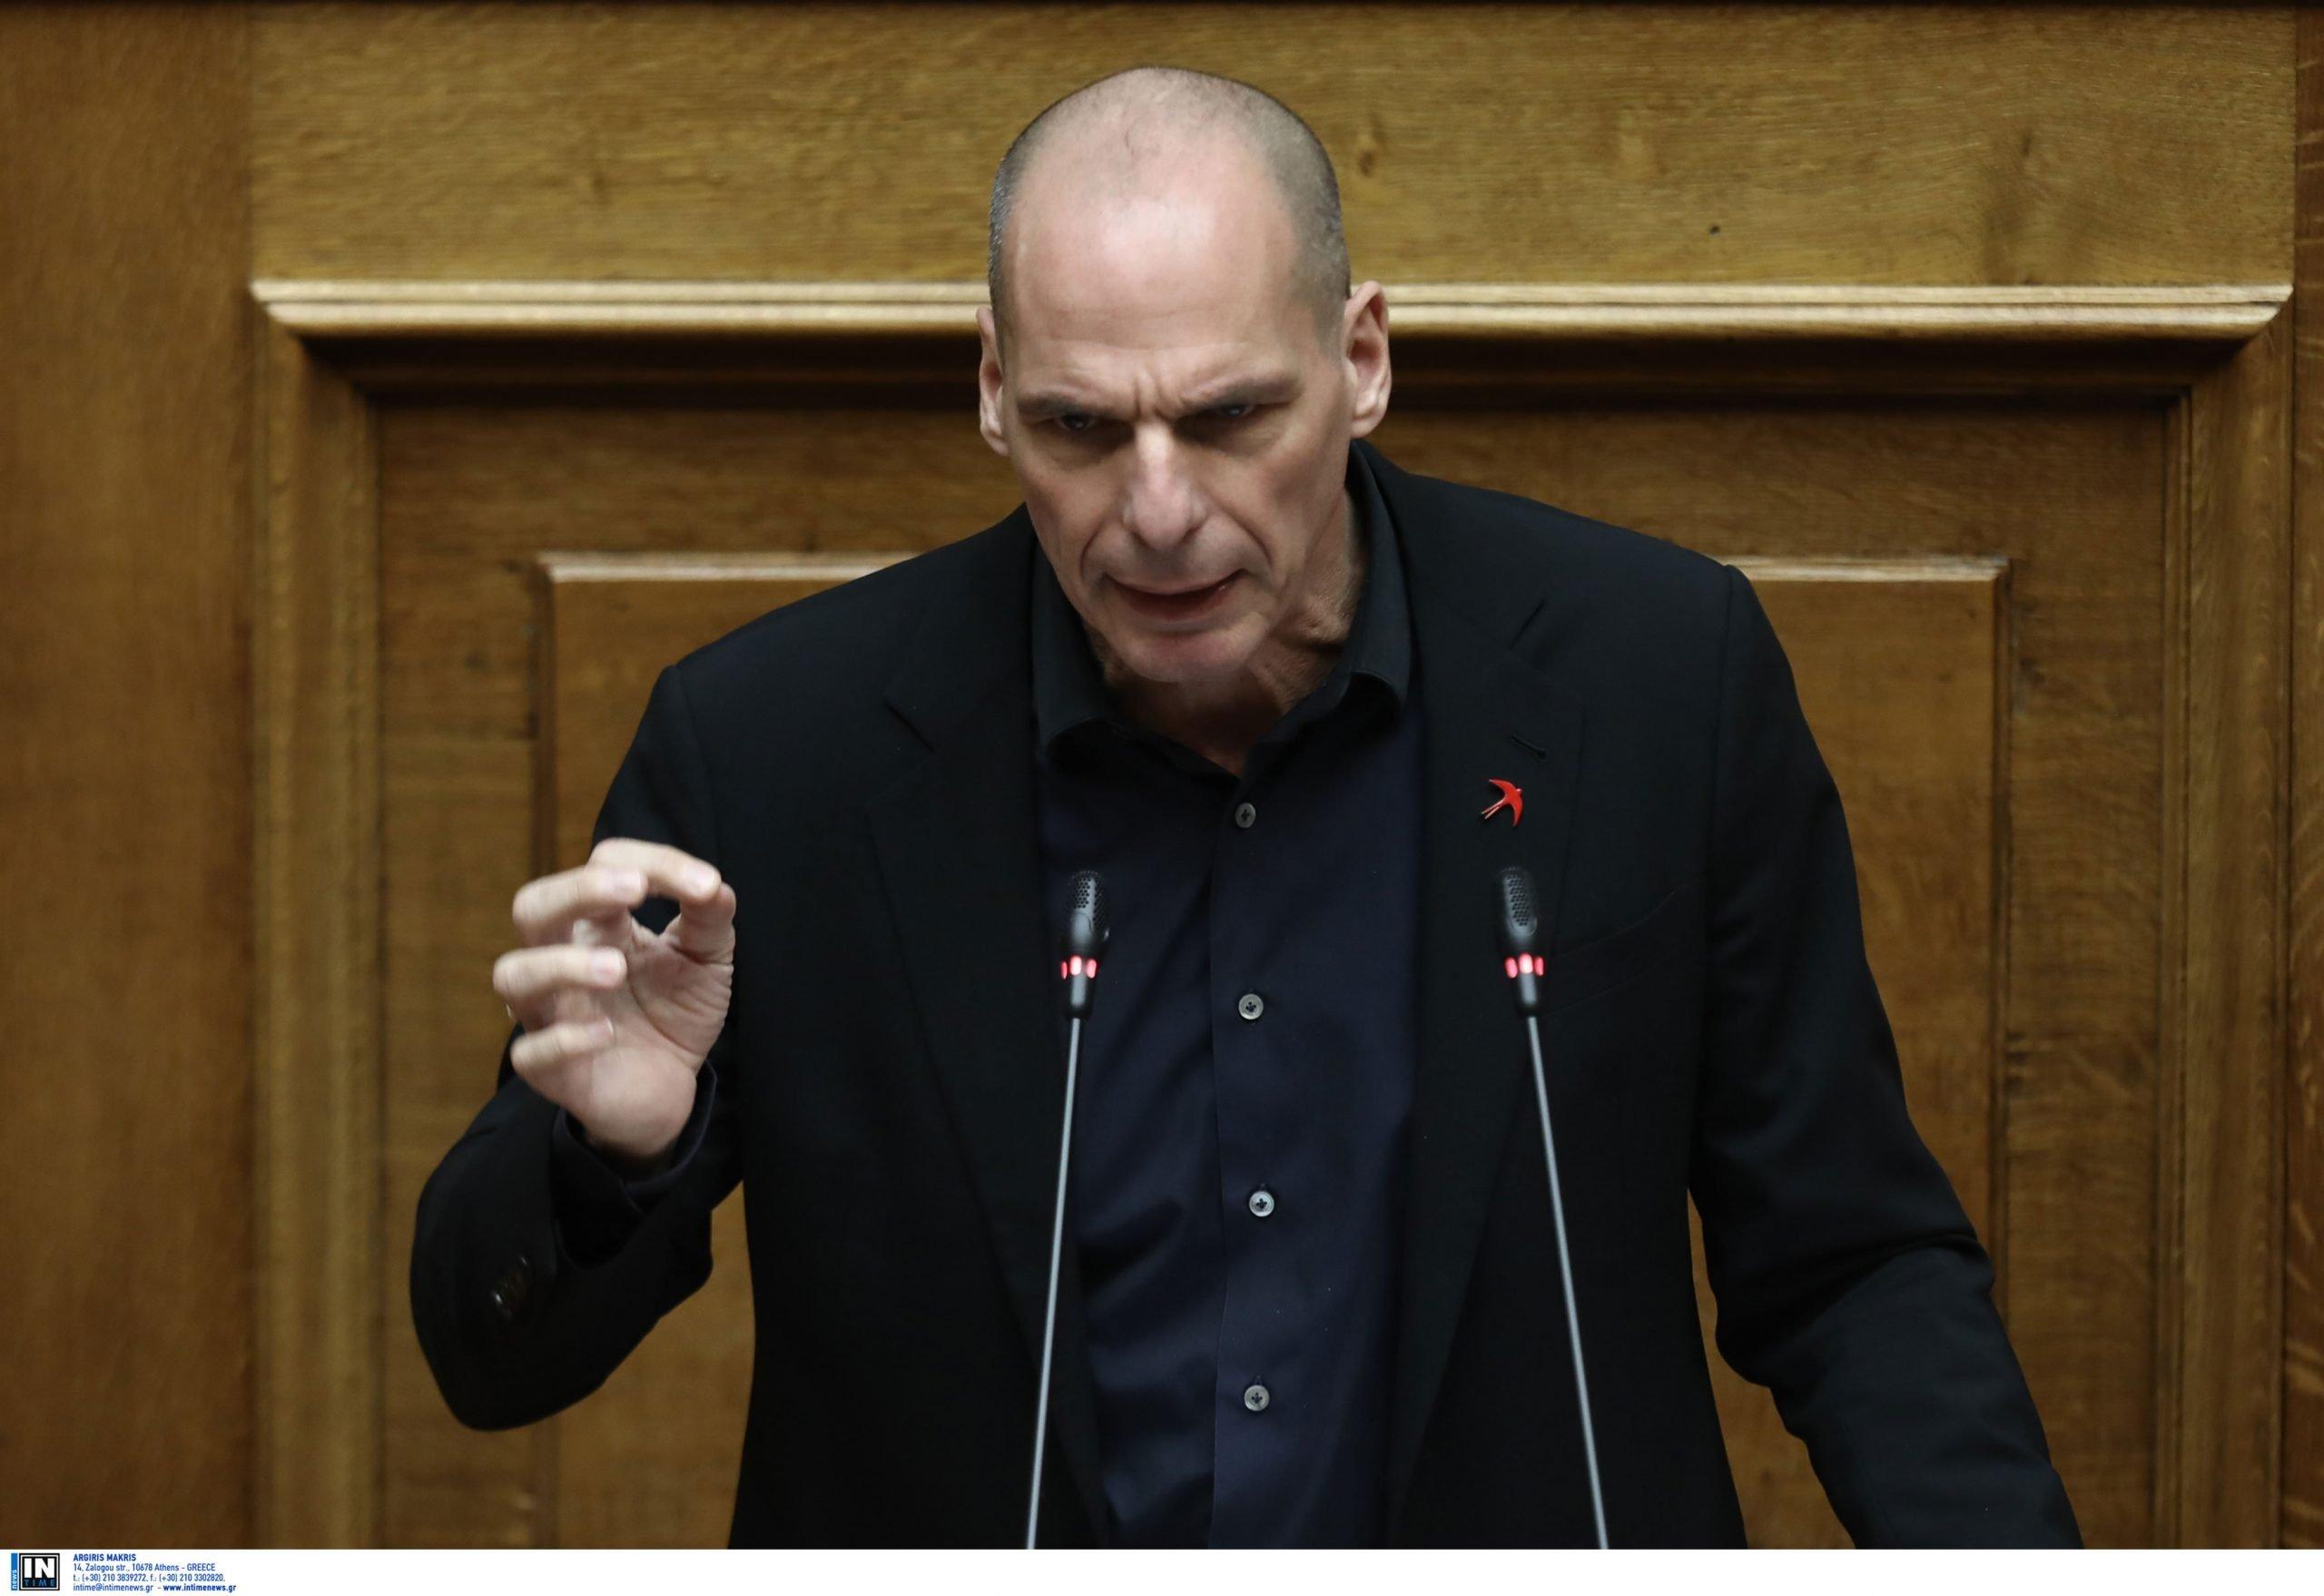 Ο Βαρουφάκης έριξε βόμβα! Κατέθεσε στη βουλή τις ηχογραφήσεις από τις διαπραγματεύσεις του 2015